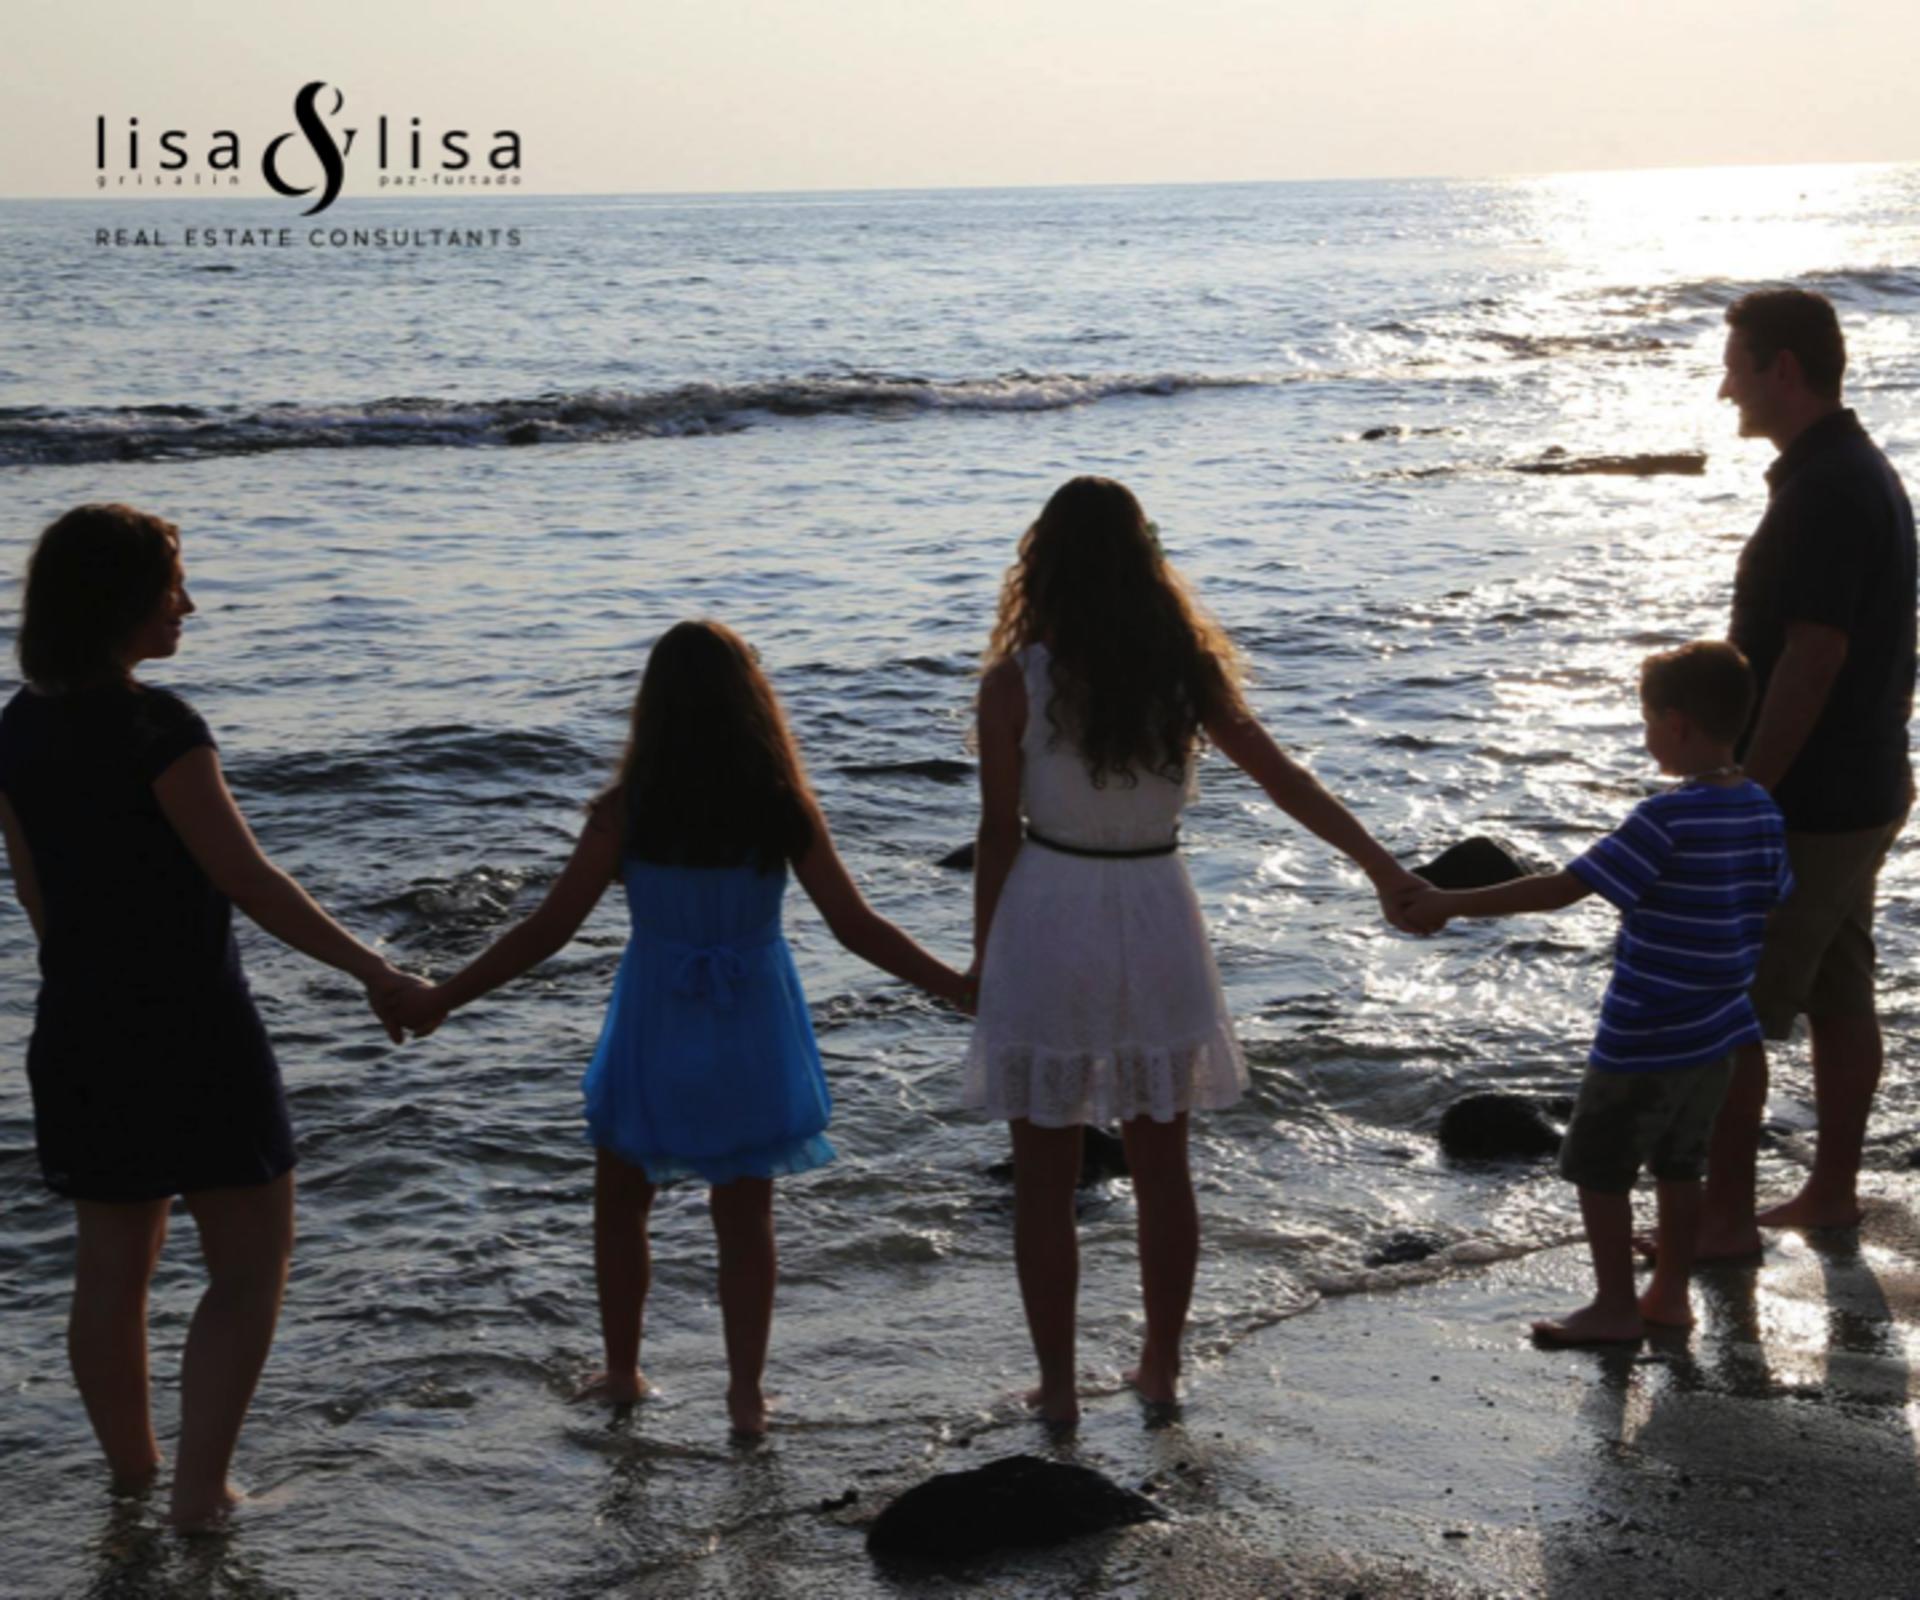 Does Your Family's Busy Calendar Spark Joy?